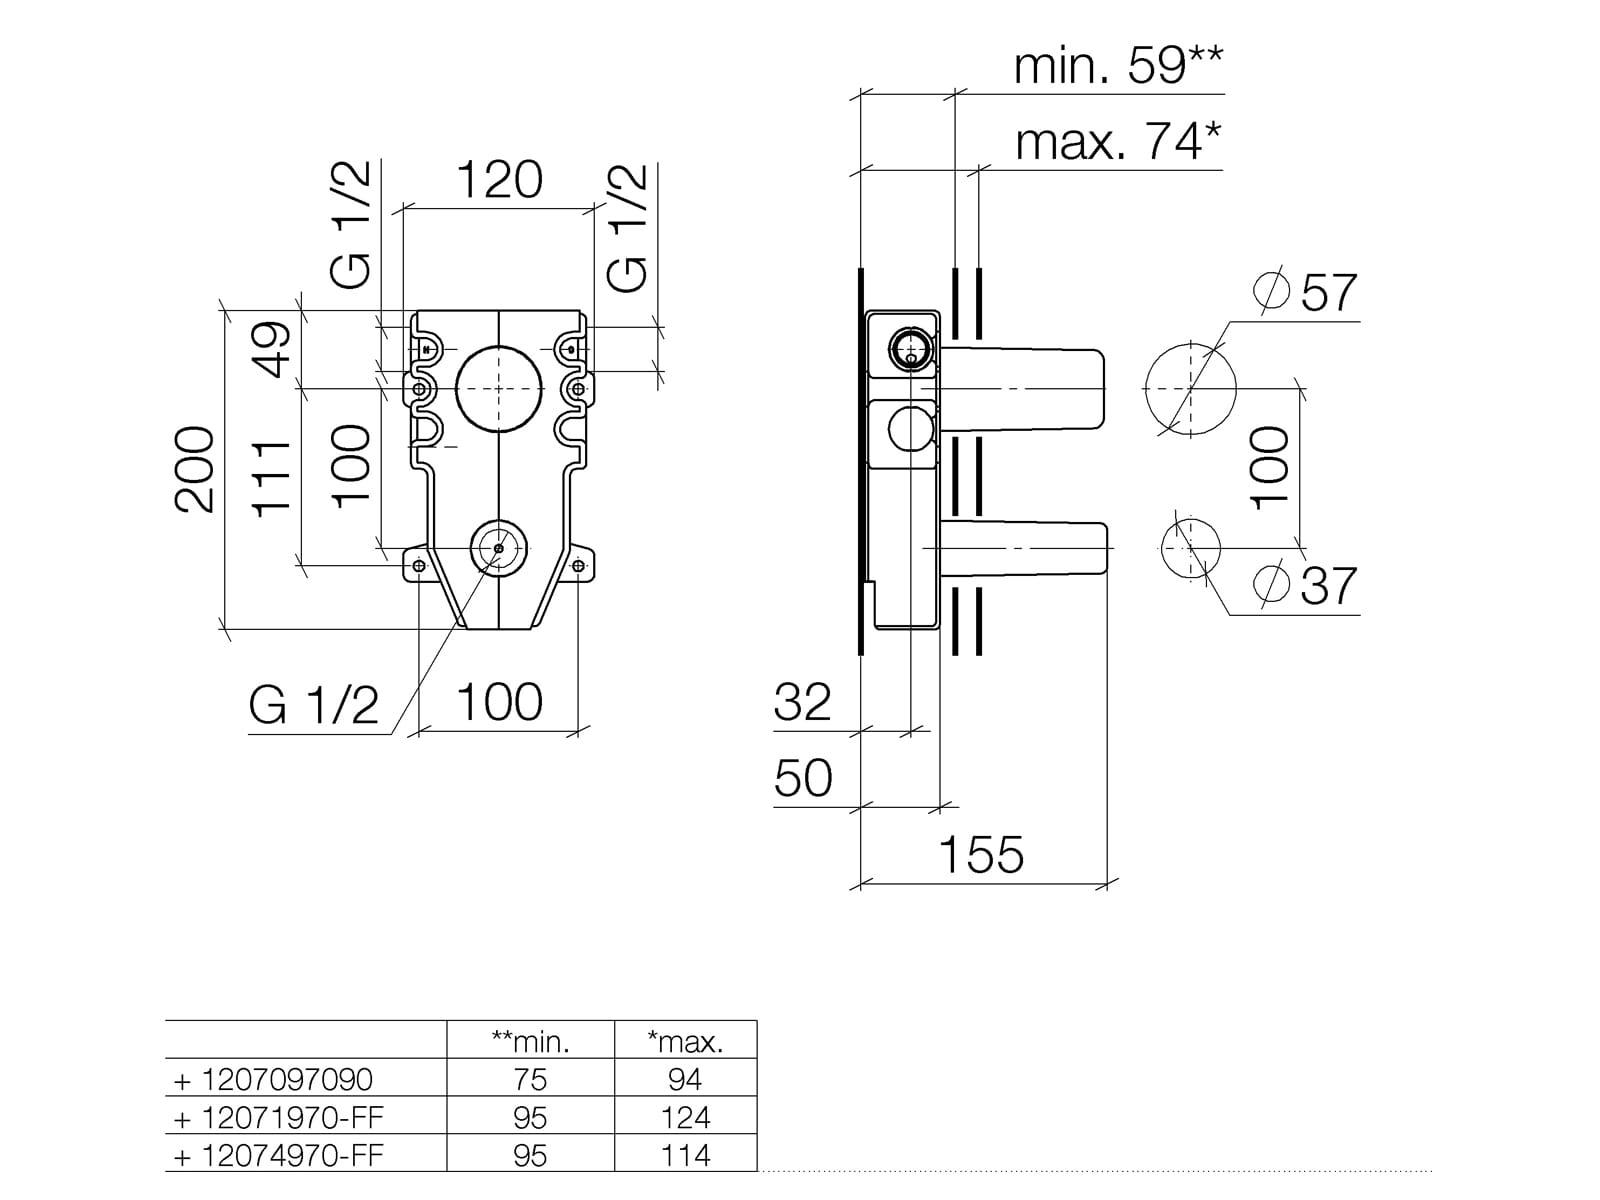 Dornbracht UP-Wand-Einhandbatterie 35 808 970 90 Mischer oben